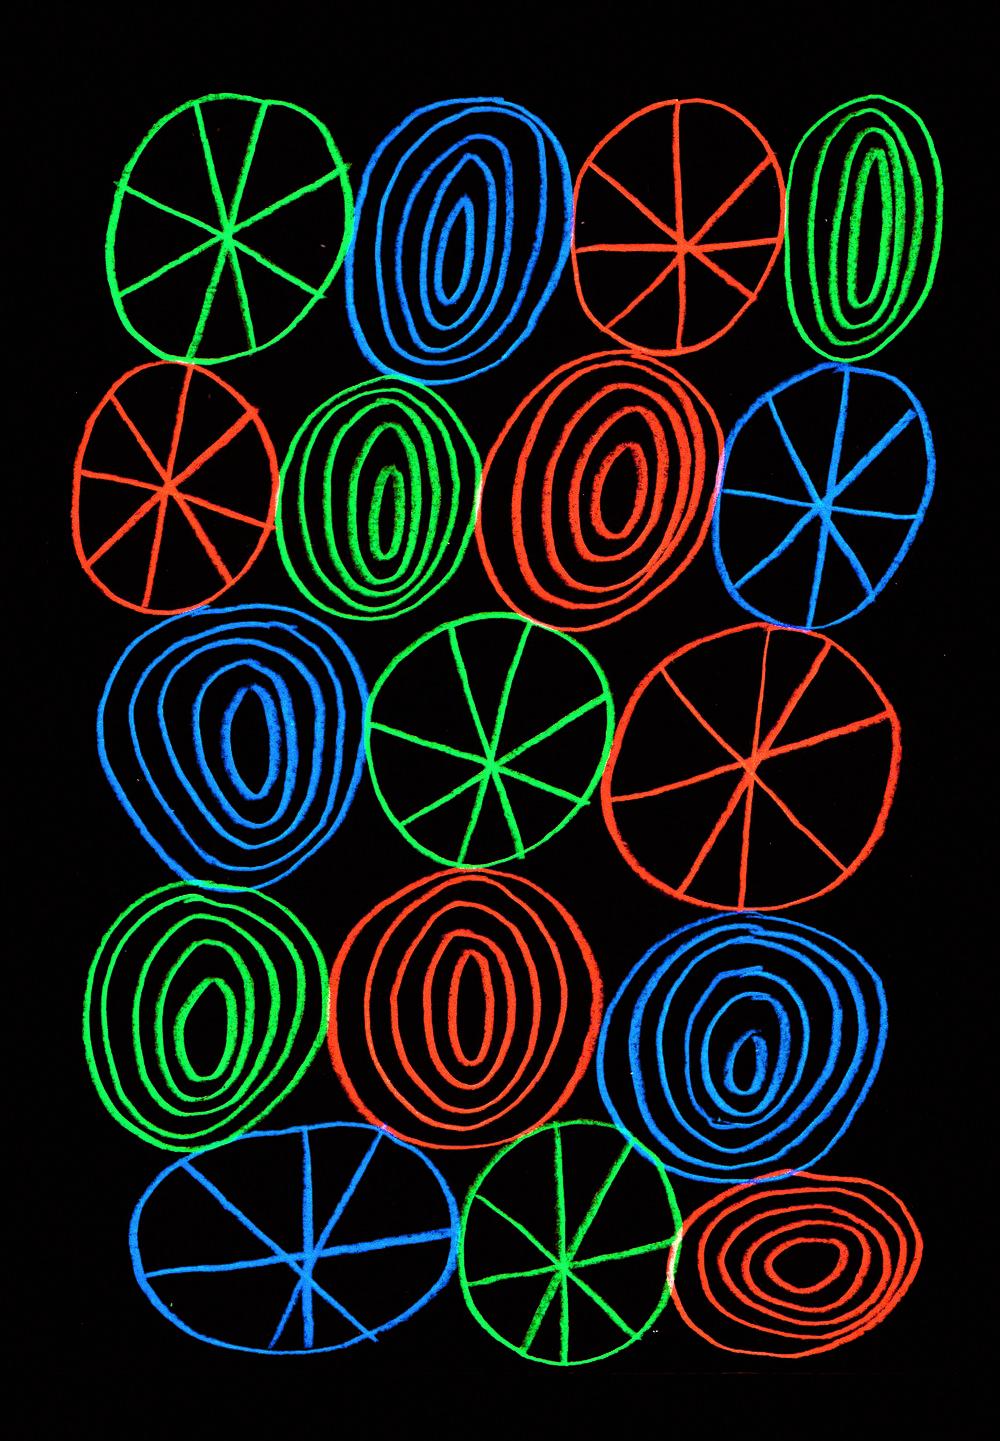 kolesa 2.jpg